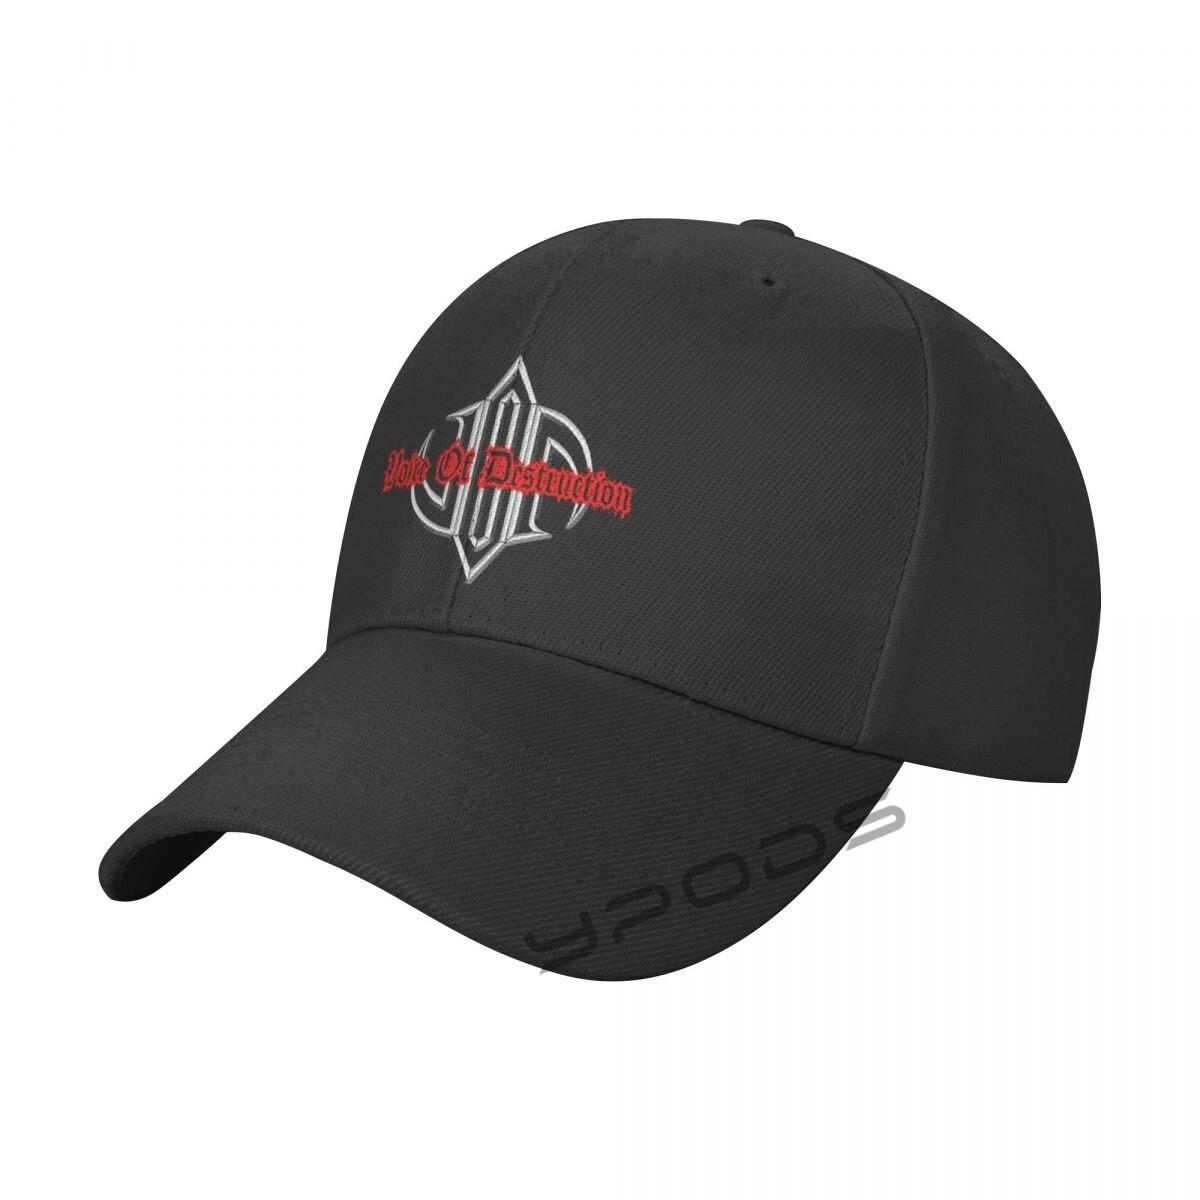 Новая бейсболка разрушения, кепка для мужчин и женщин, мужская Кепка, Снэпбэк Кепка, повседневная Кепка, кепка, шапки